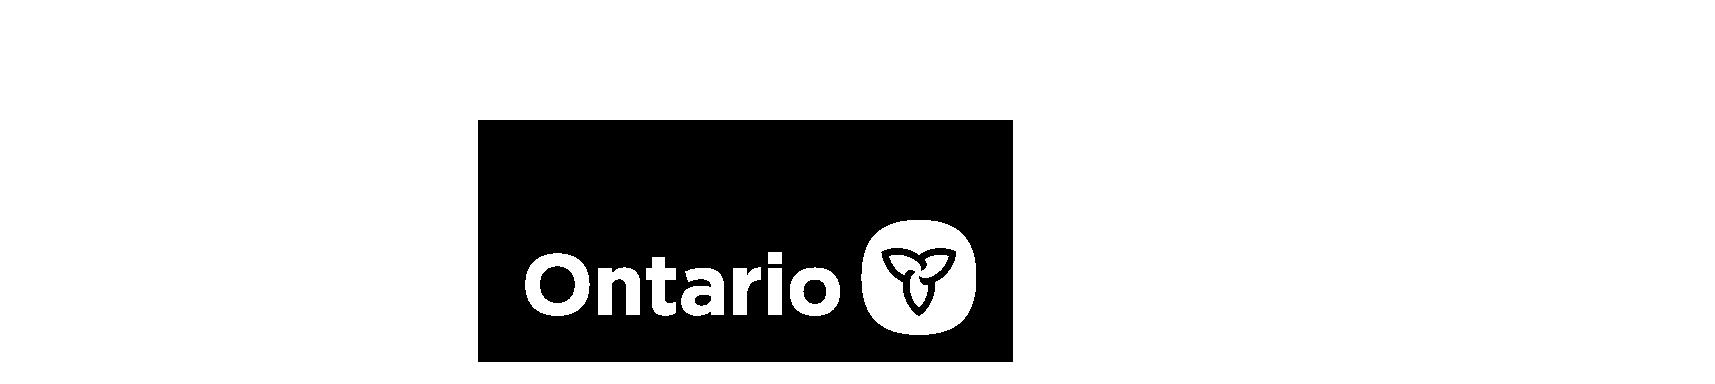 Toronto International Film Festival - Home